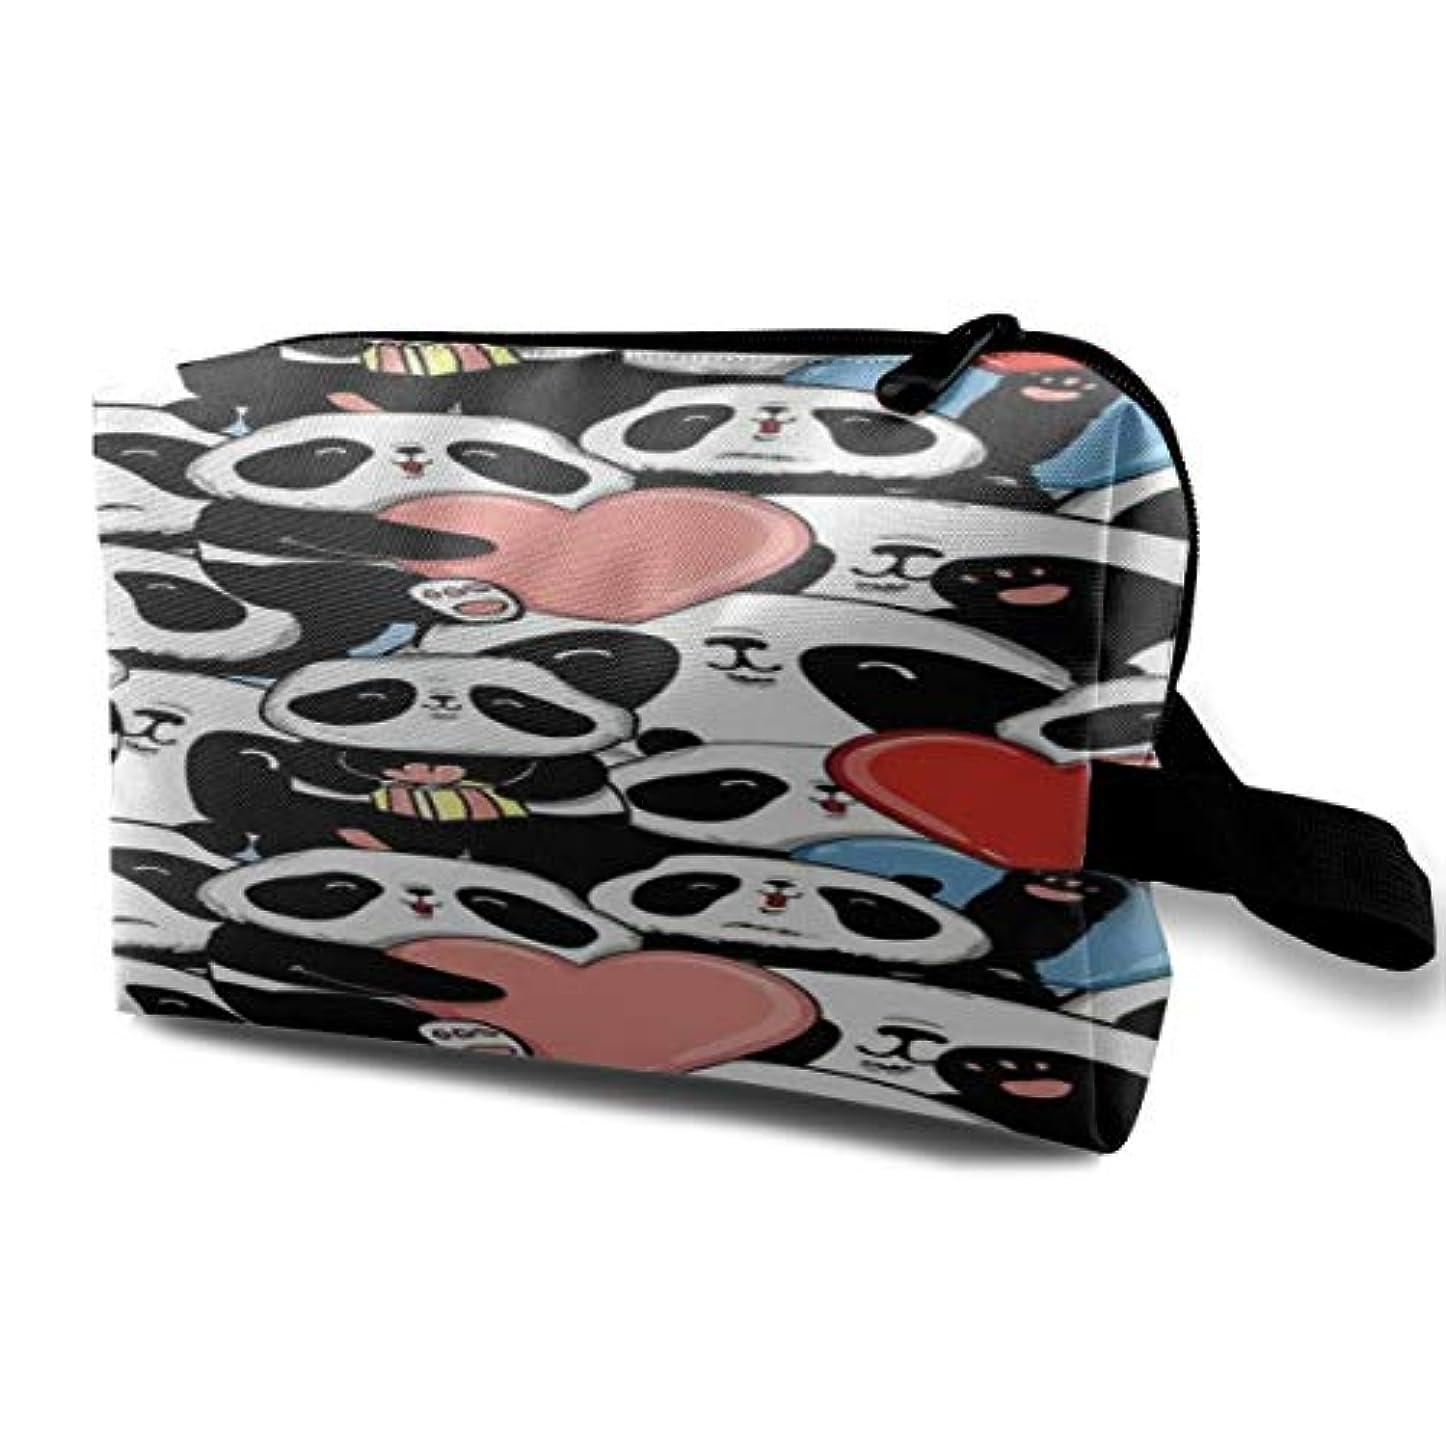 責めデザイナー広範囲にA Happy Panda 収納ポーチ 化粧ポーチ 大容量 軽量 耐久性 ハンドル付持ち運び便利。入れ 自宅?出張?旅行?アウトドア撮影などに対応。メンズ レディース トラベルグッズ